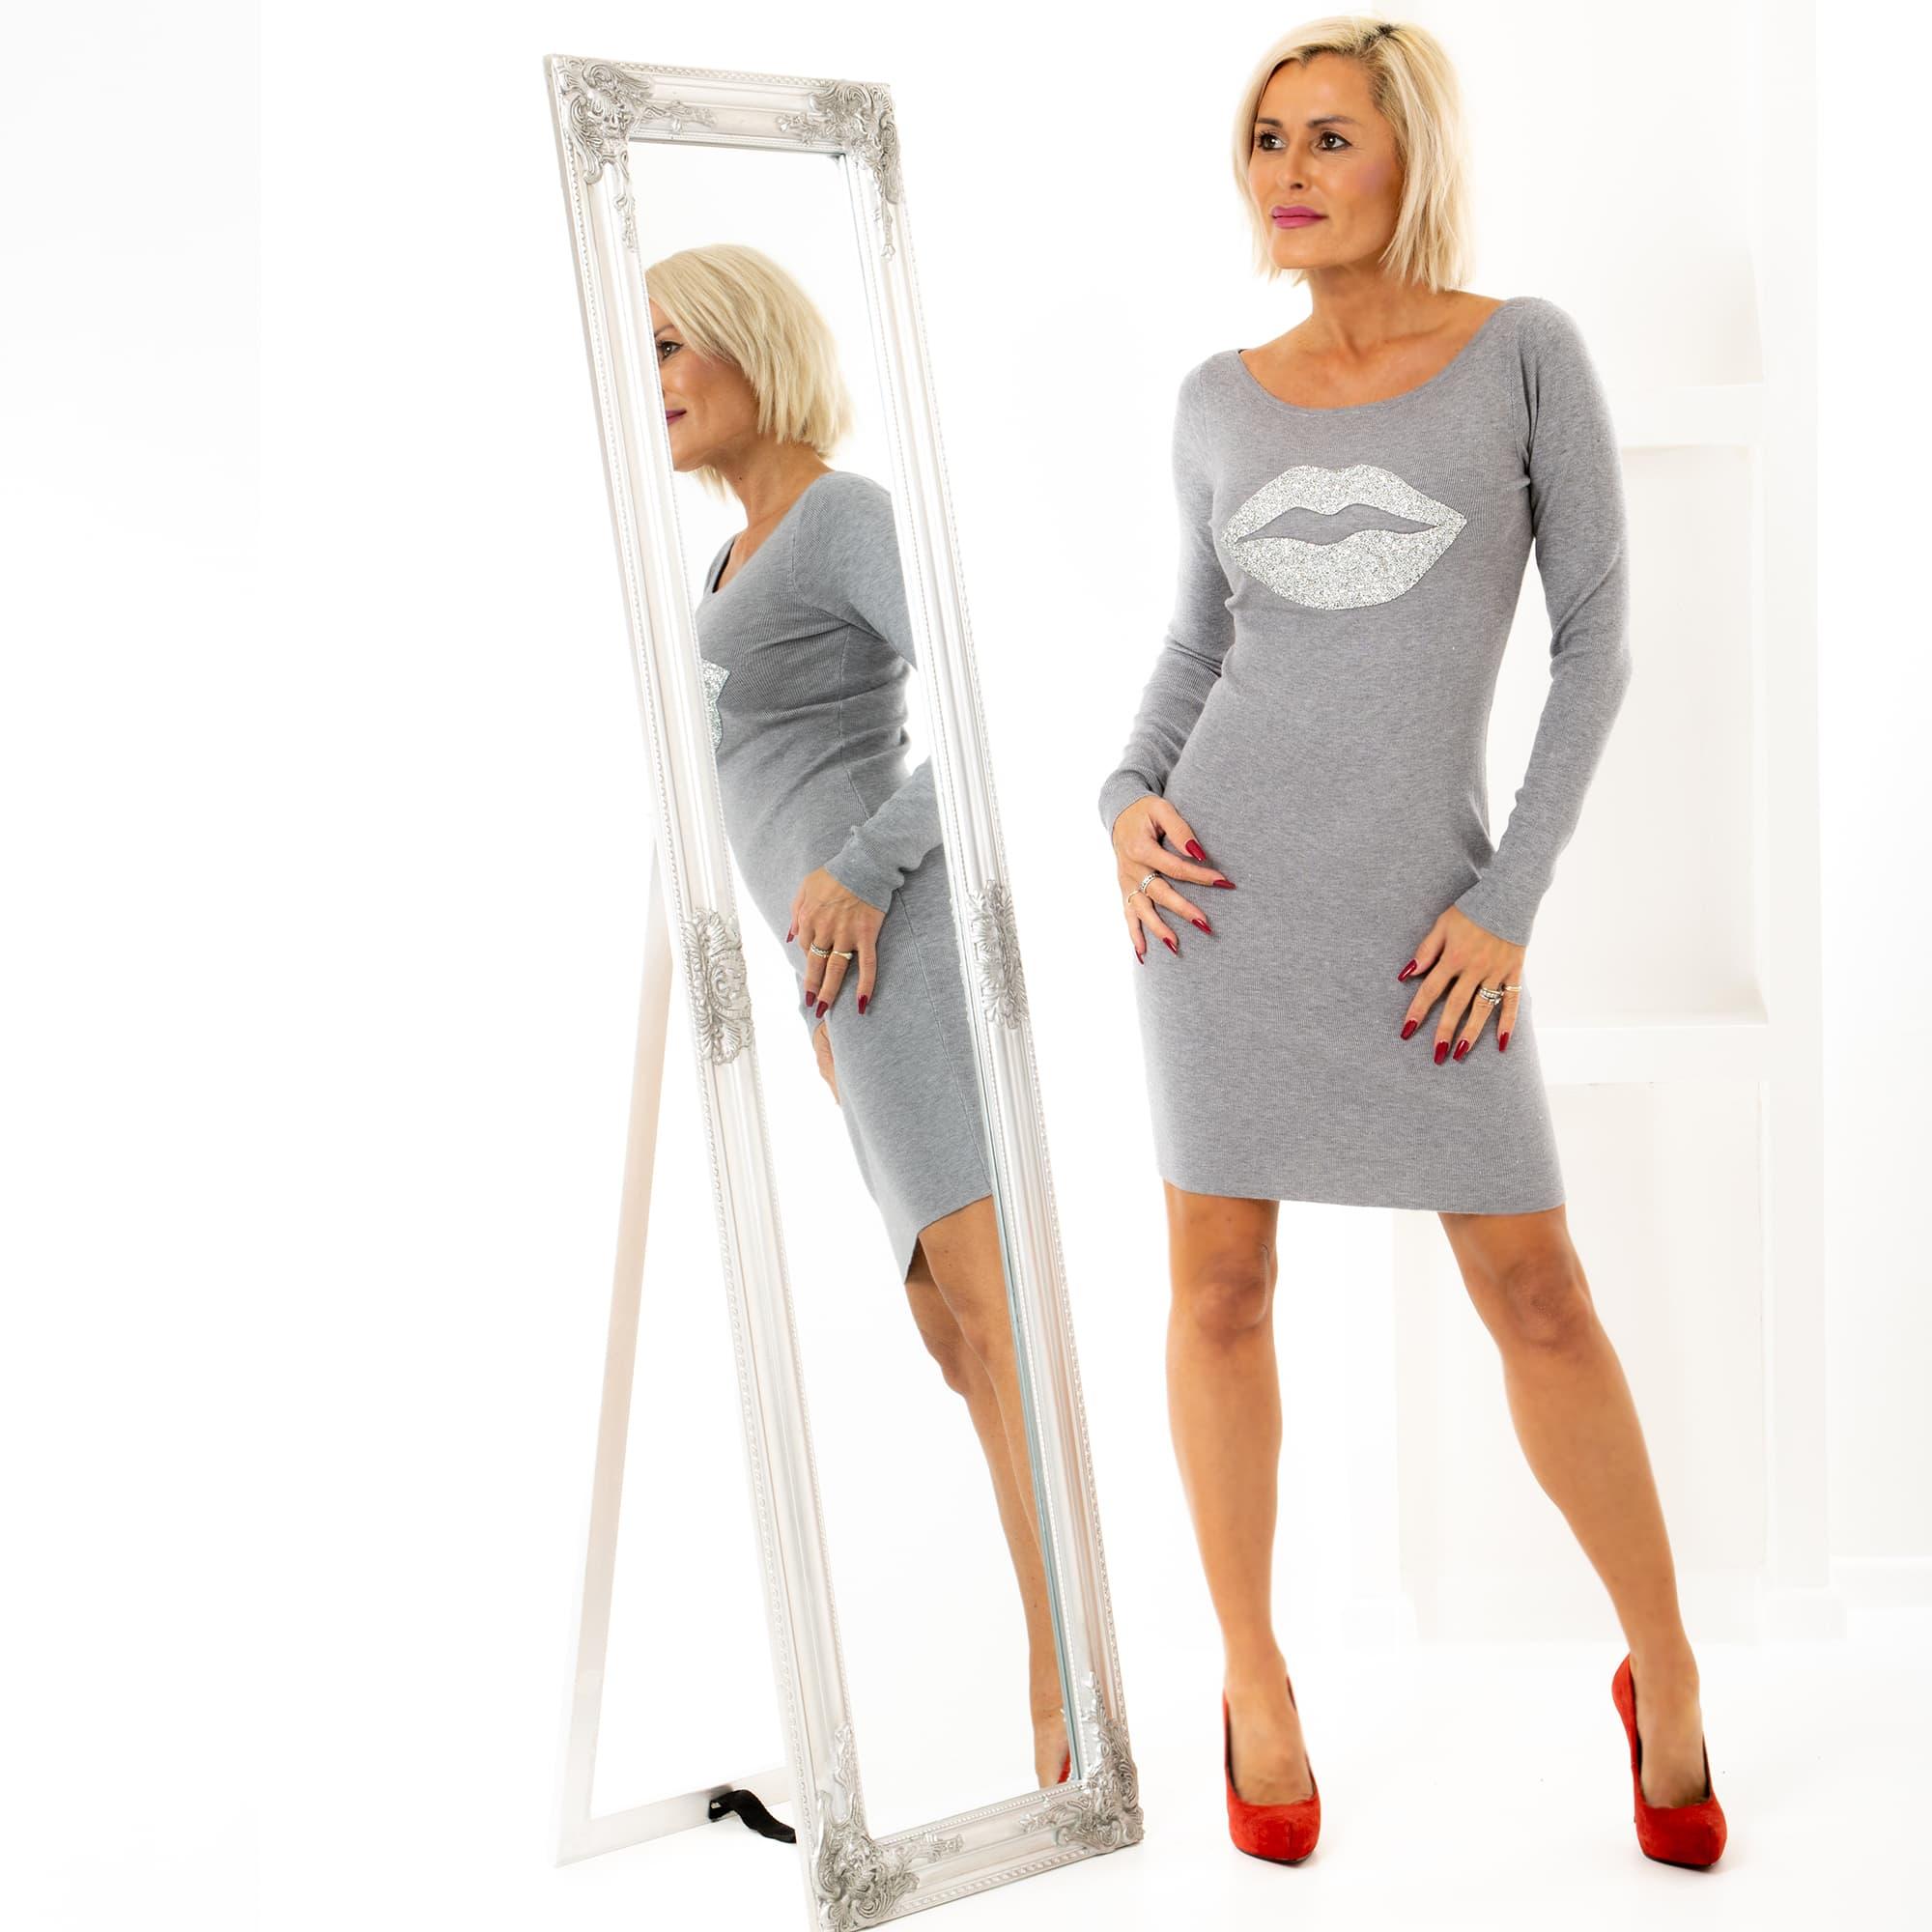 409e84cd9104 Dámska móda a doplnky - Úpletové šaty Grey kiss ...